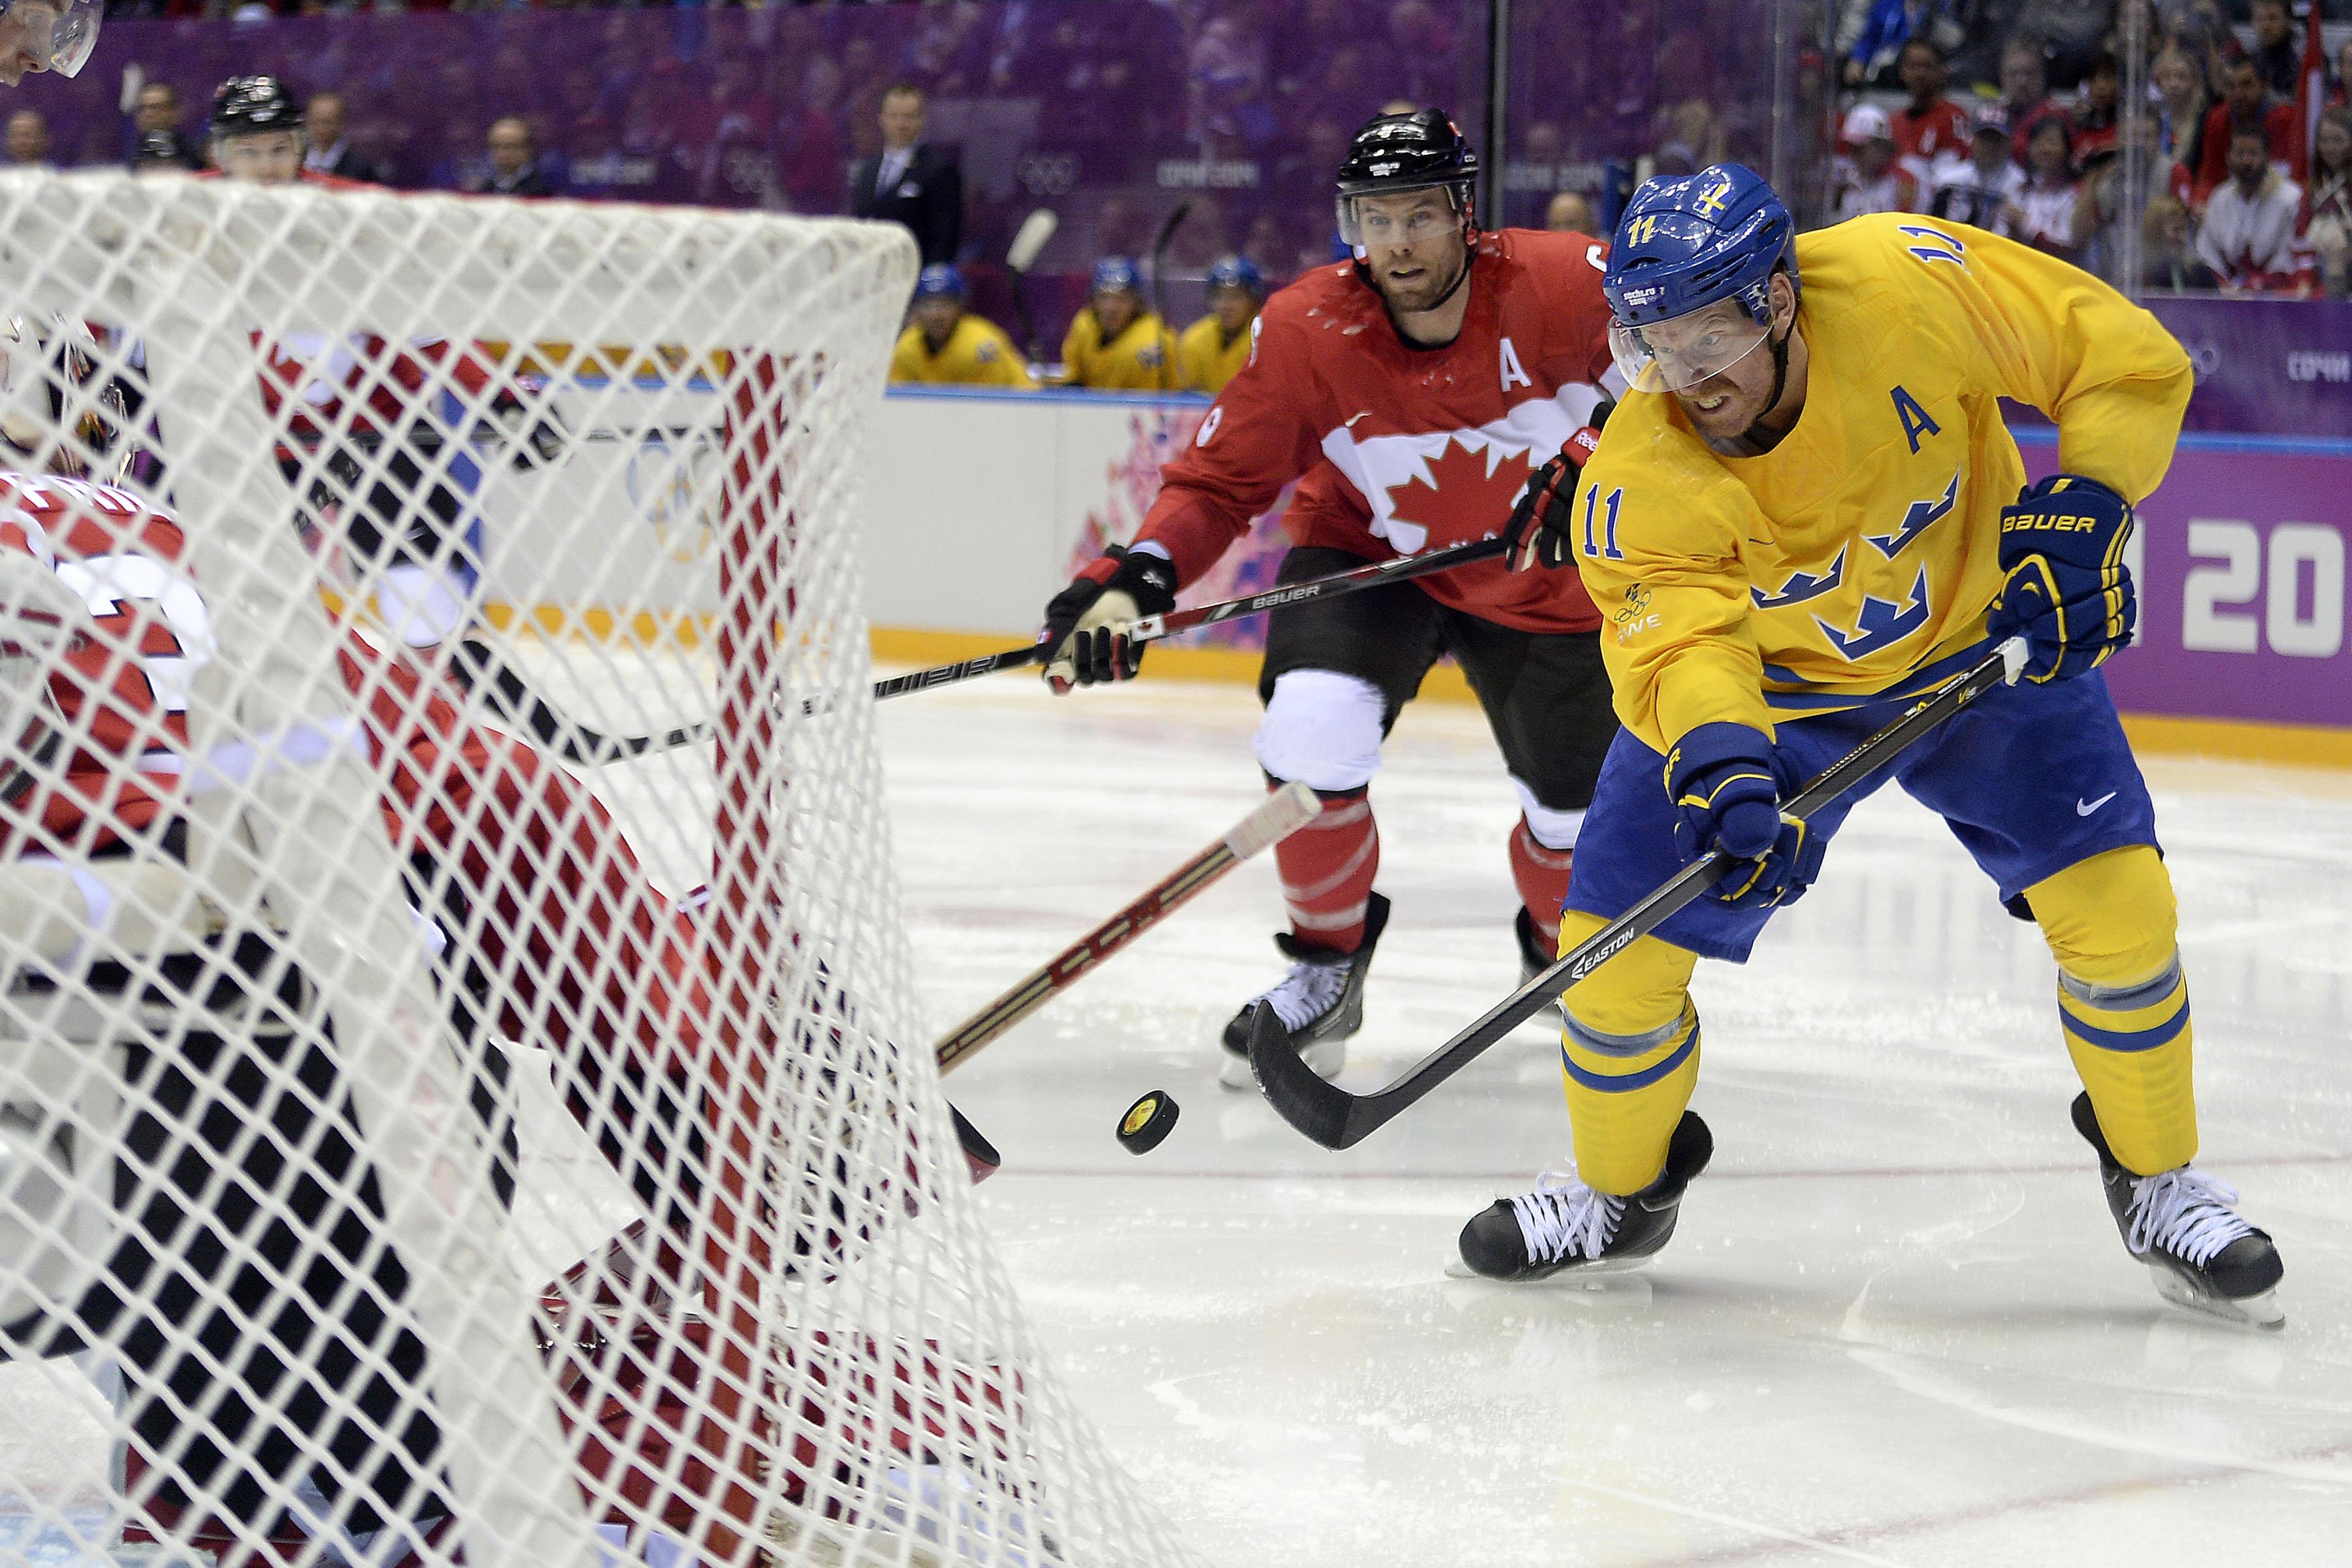 Sochi 2014 Winter Olympics Men's Ice Hockey Gold Medal Canada vs Sweden